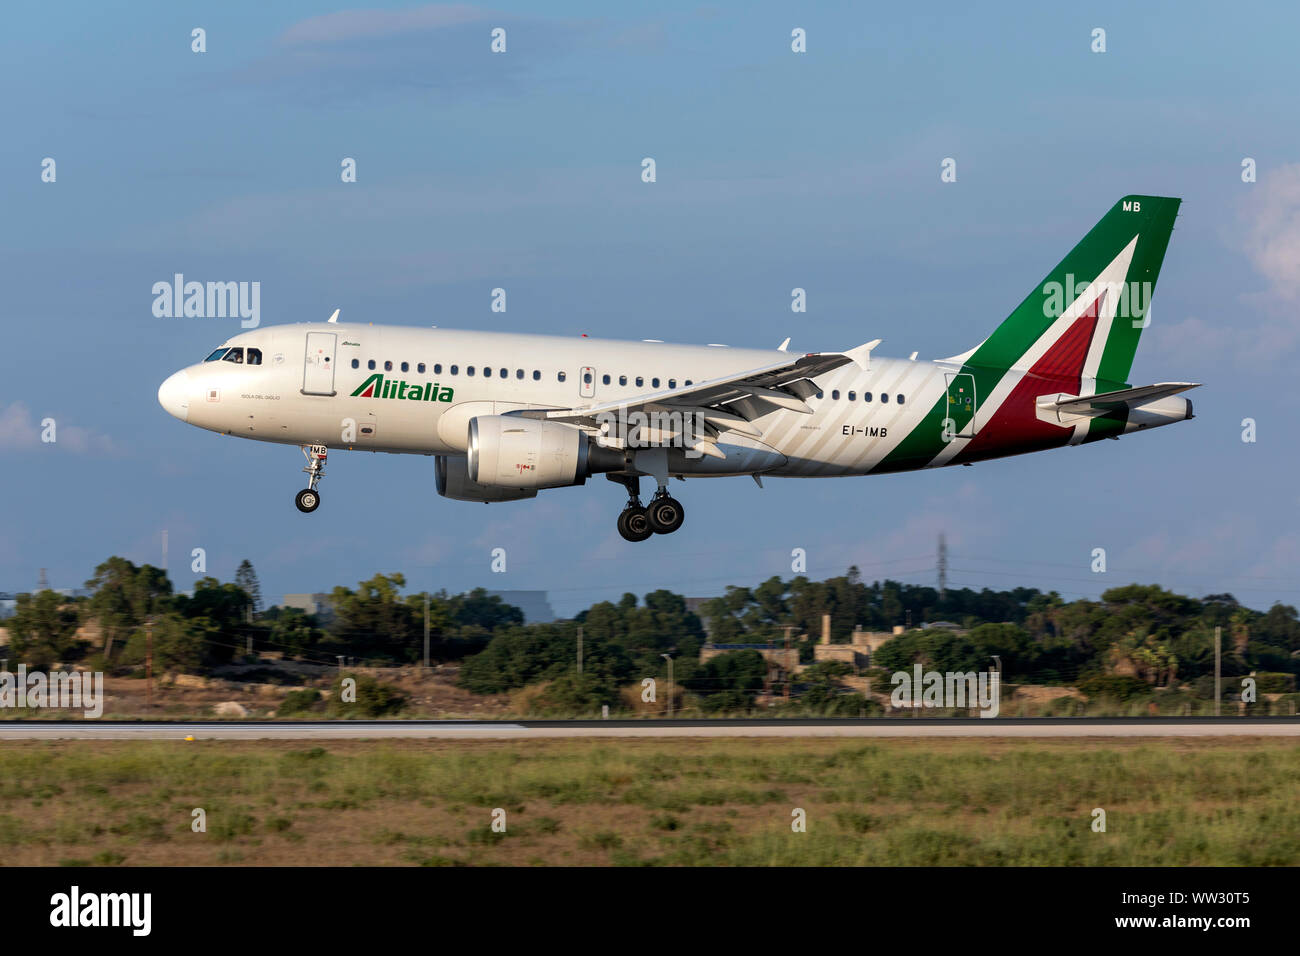 Alitalia Airbus A319-112 (EI-IMB) in arrivo sul quotidiano pomeriggio volo da Roma, Italia. Foto Stock